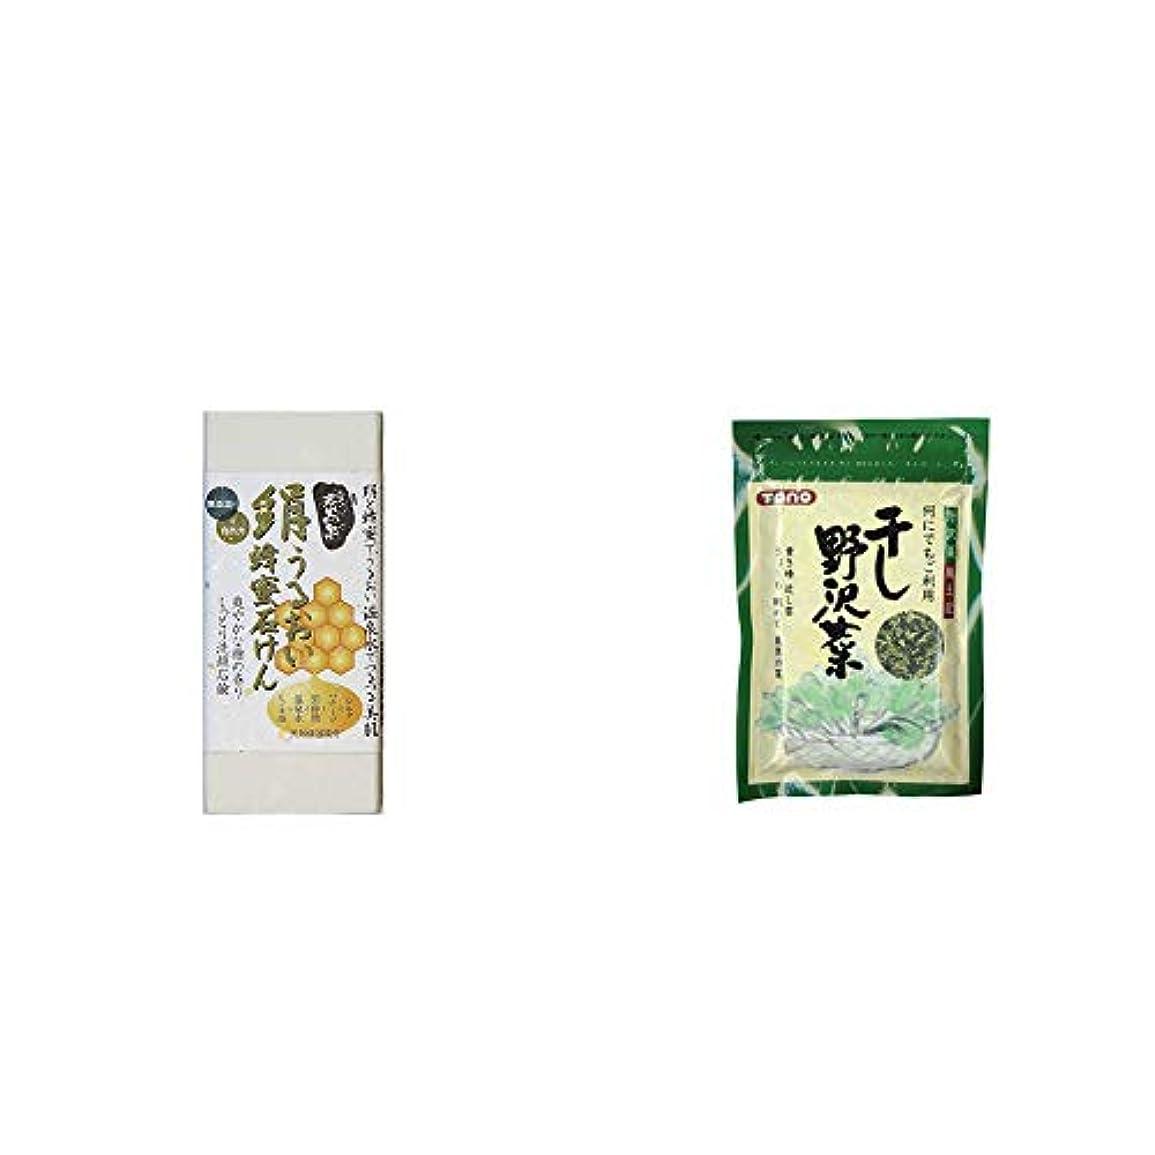 精緻化授業料マットレス[2点セット] ひのき炭黒泉 絹うるおい蜂蜜石けん(75g×2)?干し野沢菜(100g)